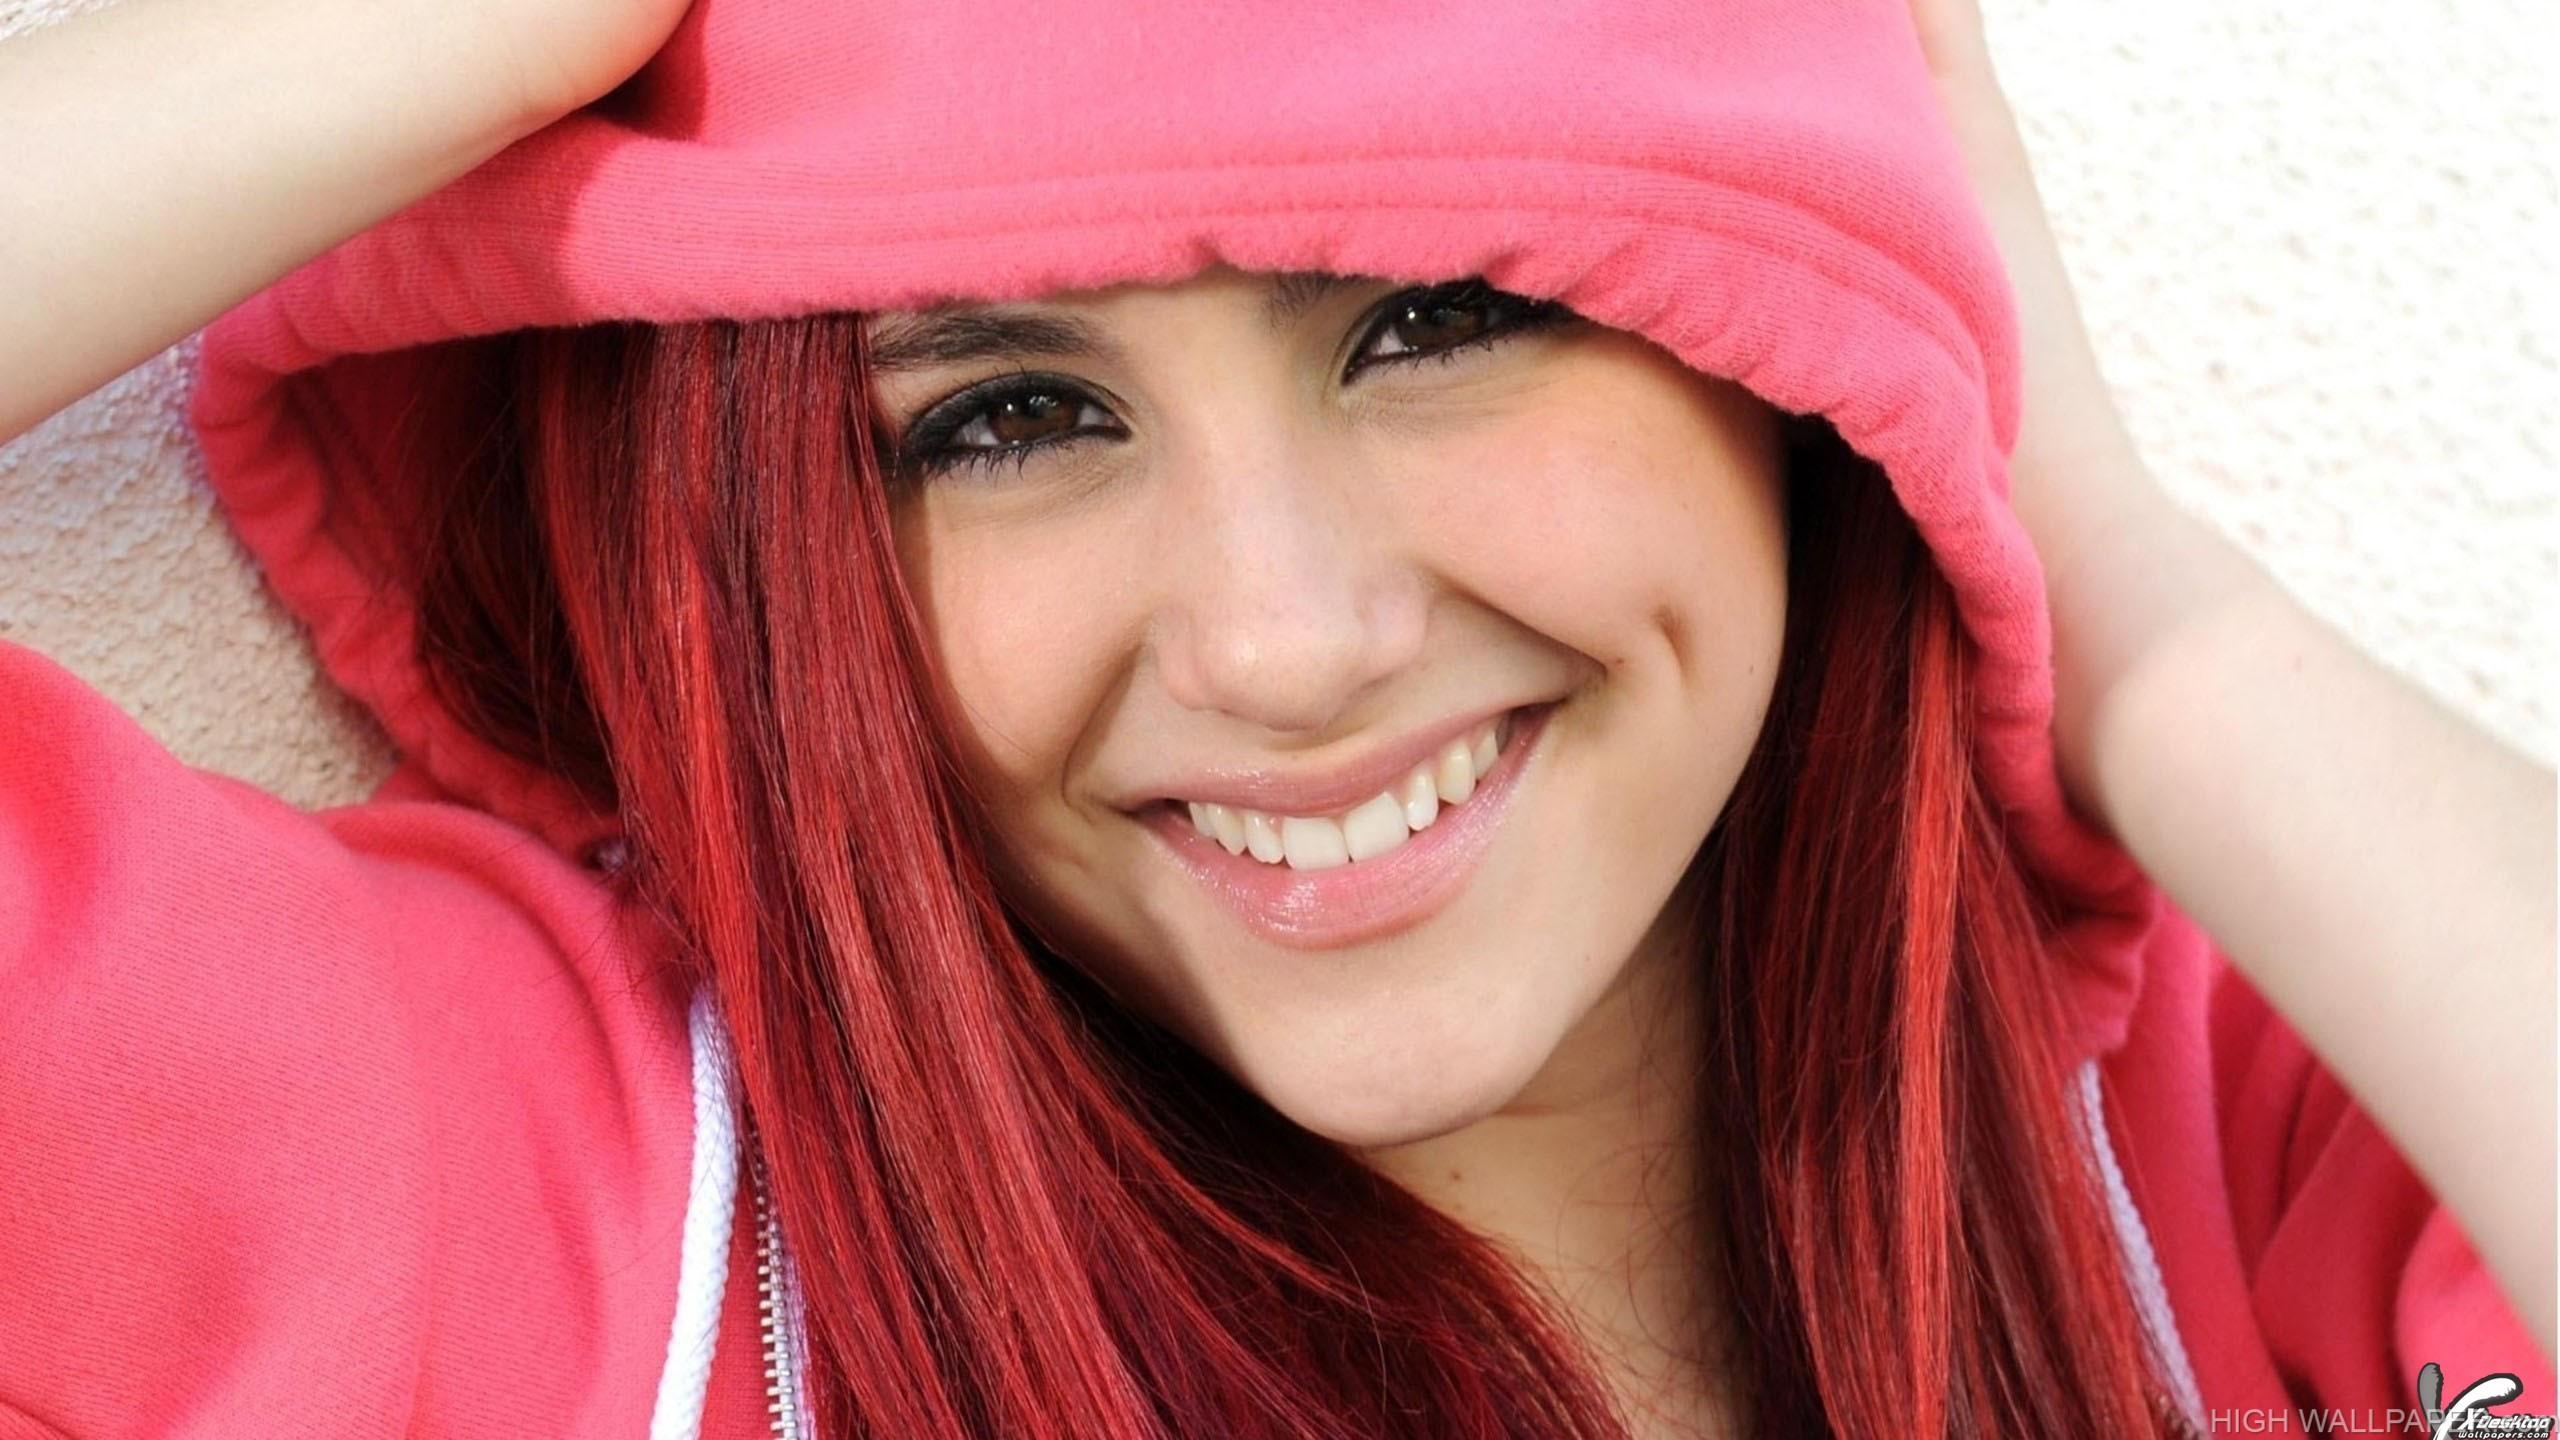 Cute Ariana Grande In Pink Dress Face Closeup